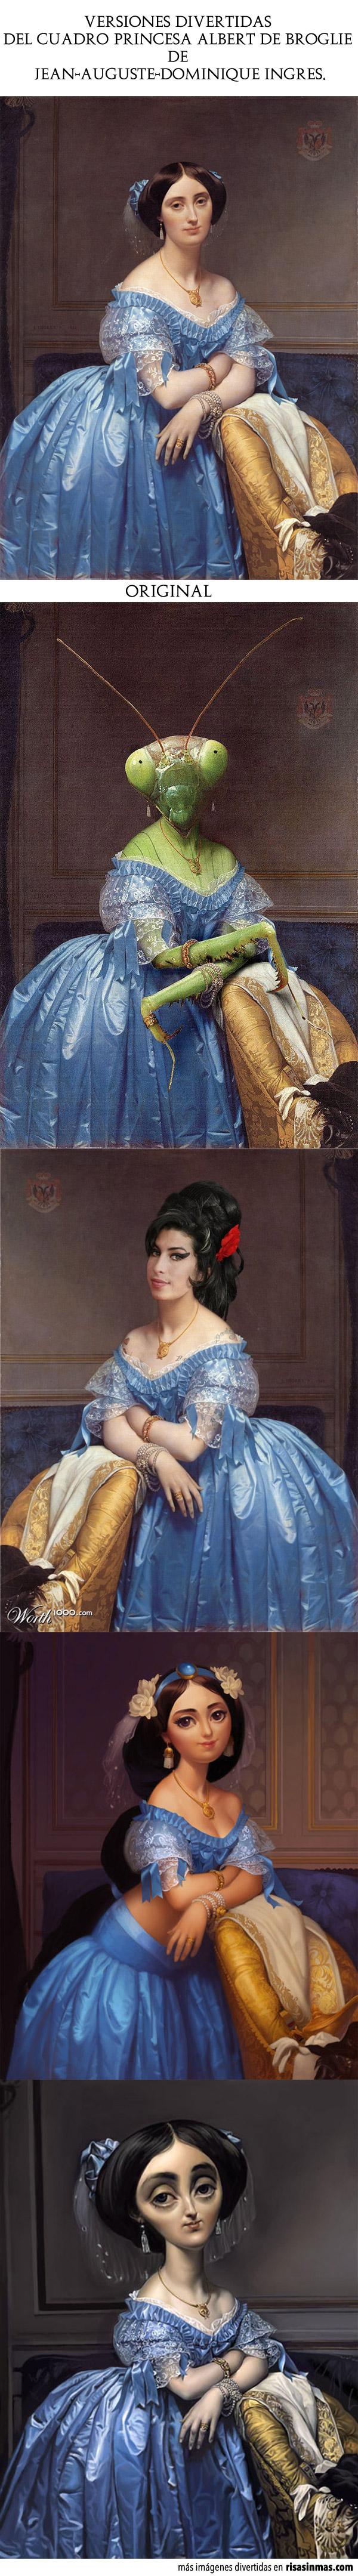 Versiones divertidas del cuadro Princesa Albert de Broglie